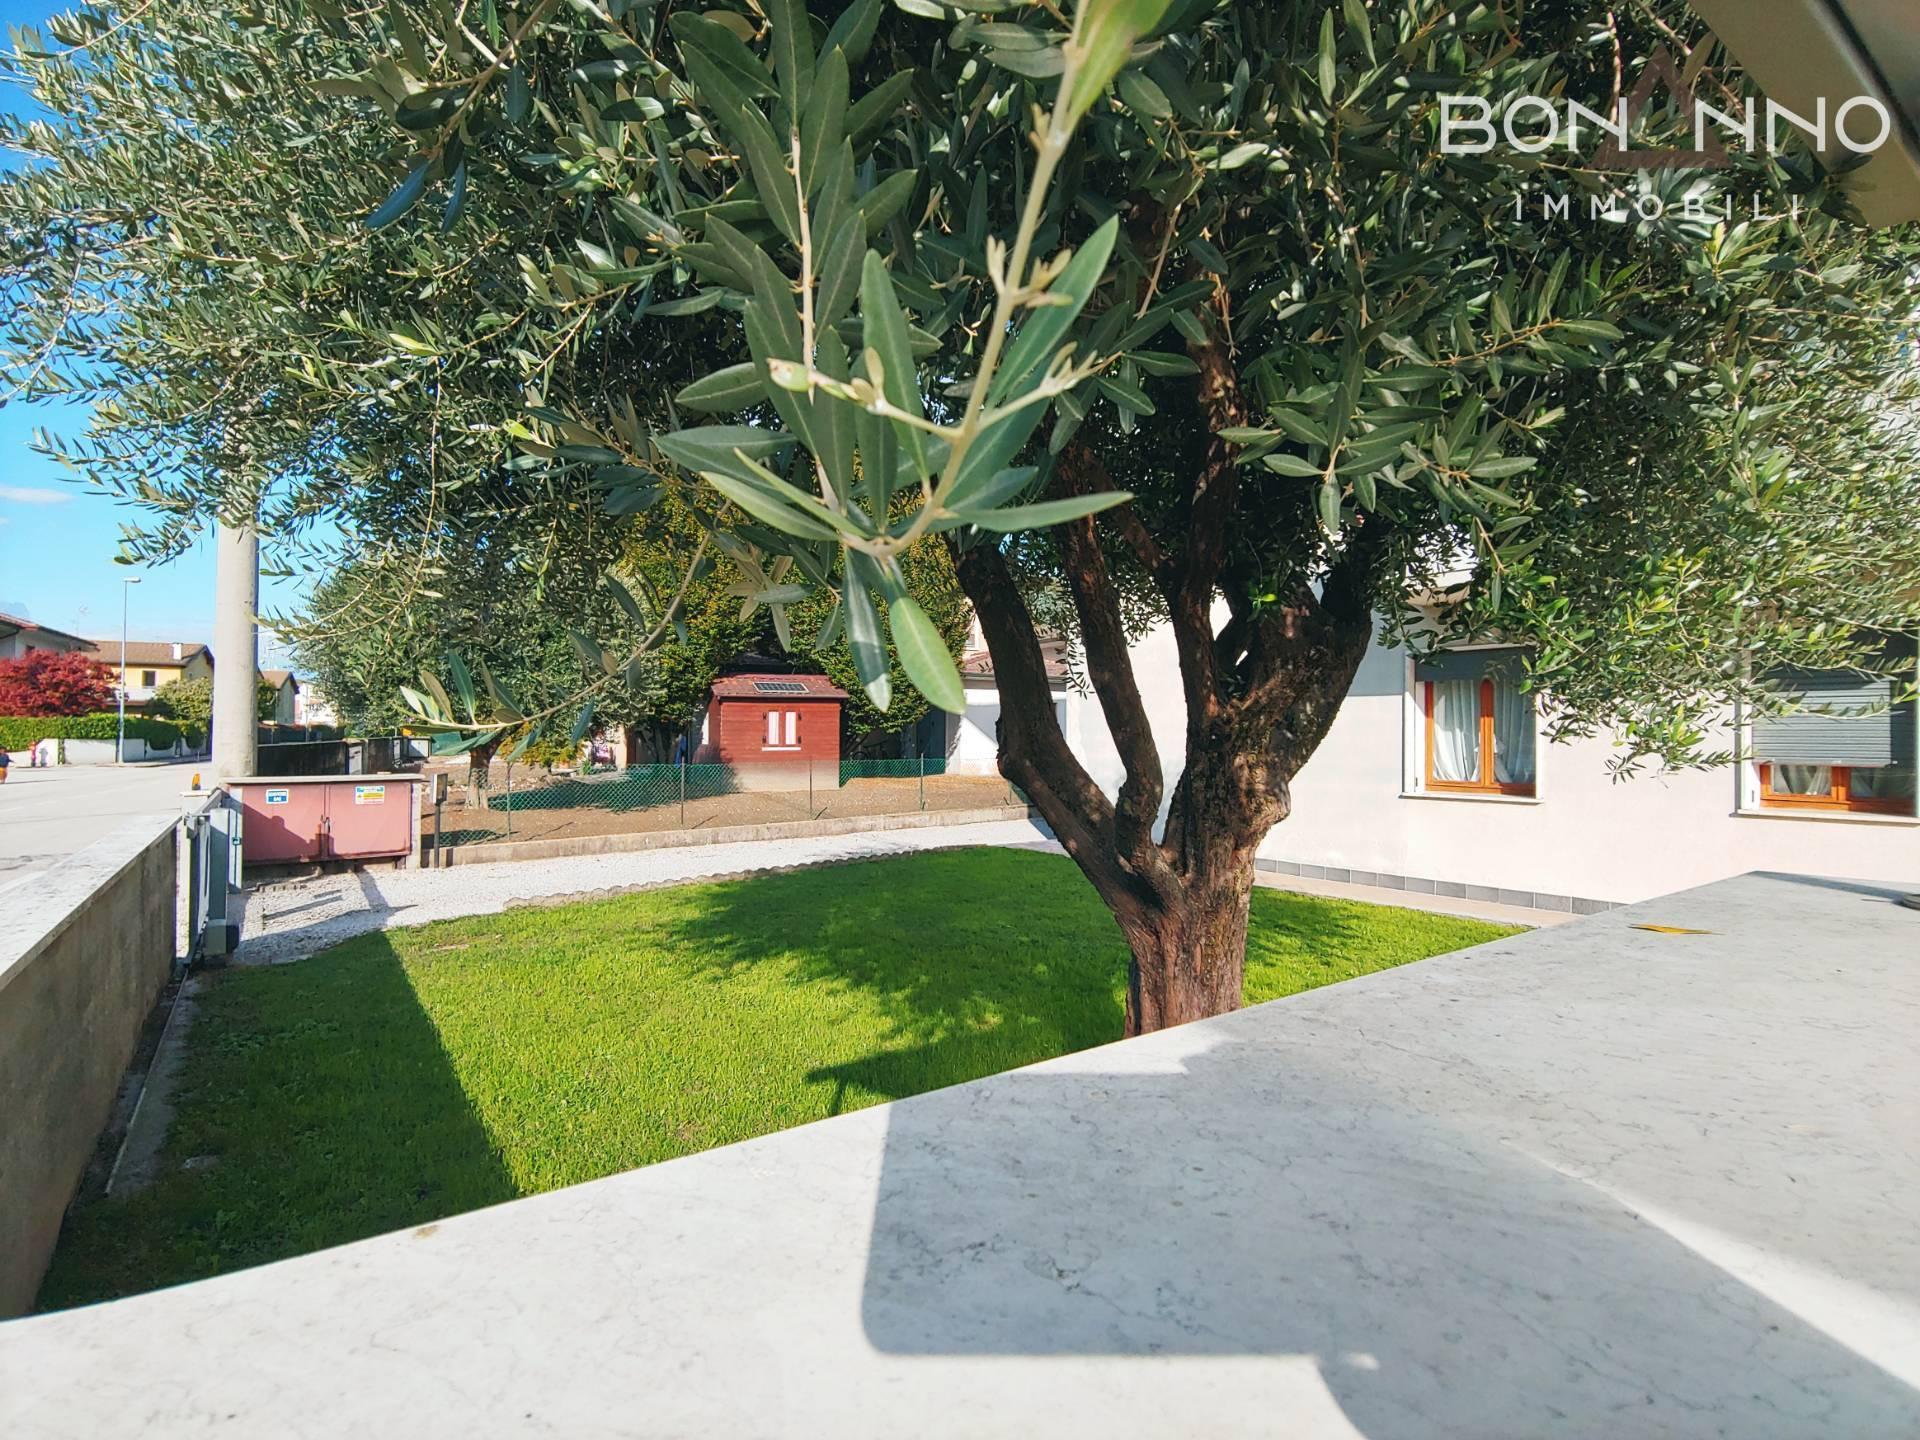 Appartamento in vendita a San Pietro in Gu, 4 locali, prezzo € 126.000 | CambioCasa.it